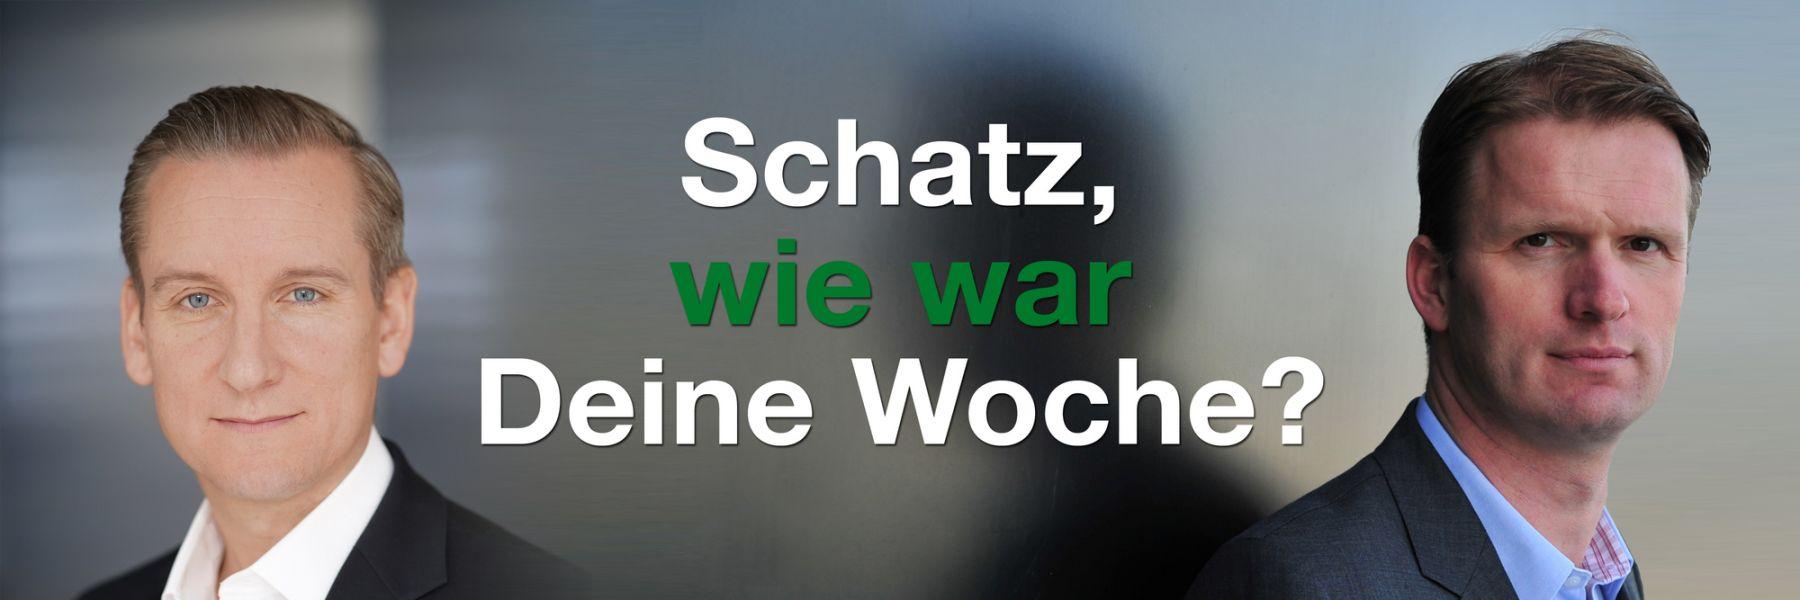 Schatz, wie war deine Woche: Fragenpodcast